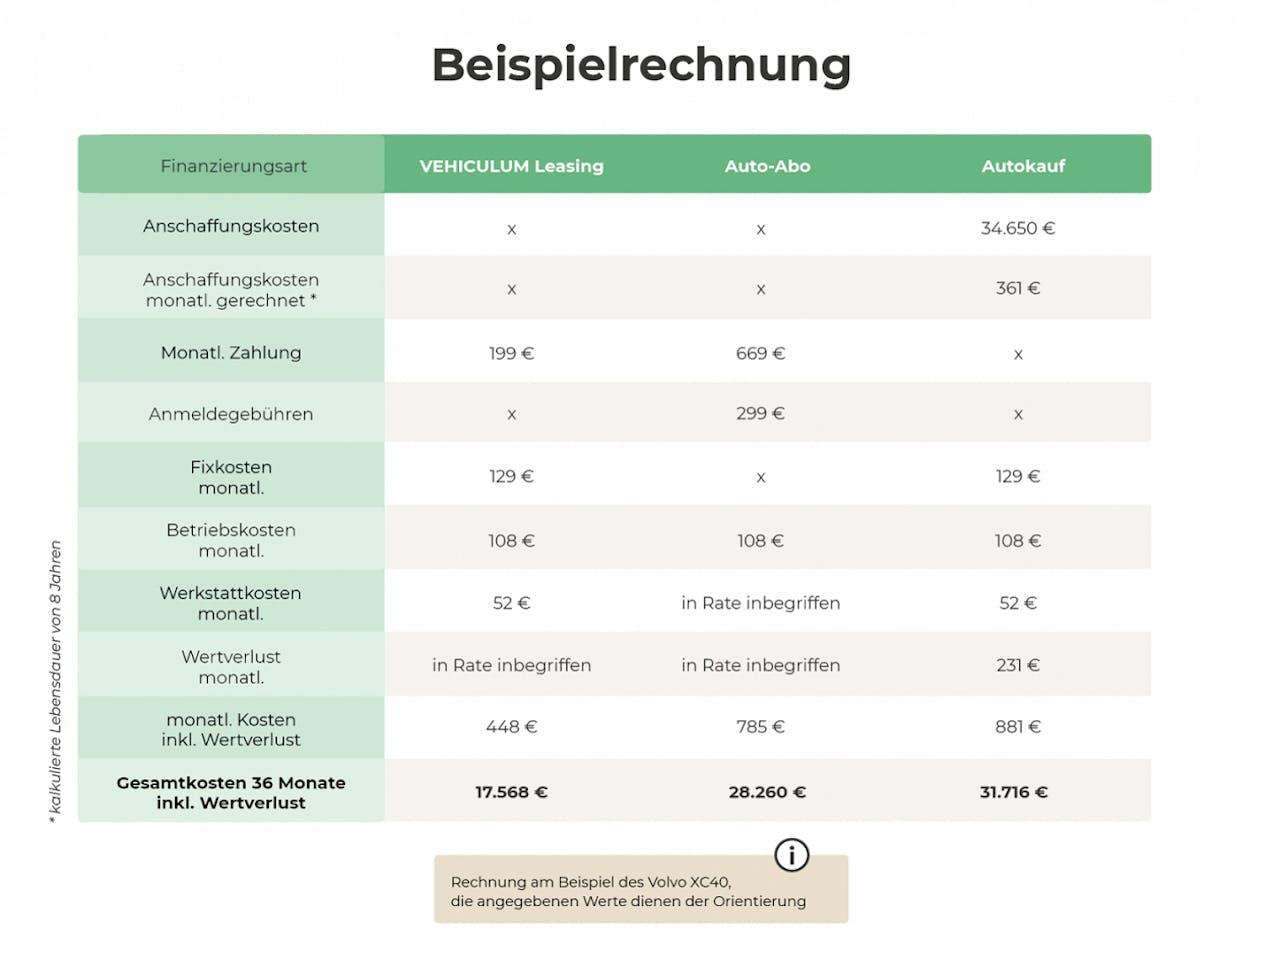 Infografik Vergleich Autokauf, Auto-Abo und Kfz Leasing bei VEHICULUM